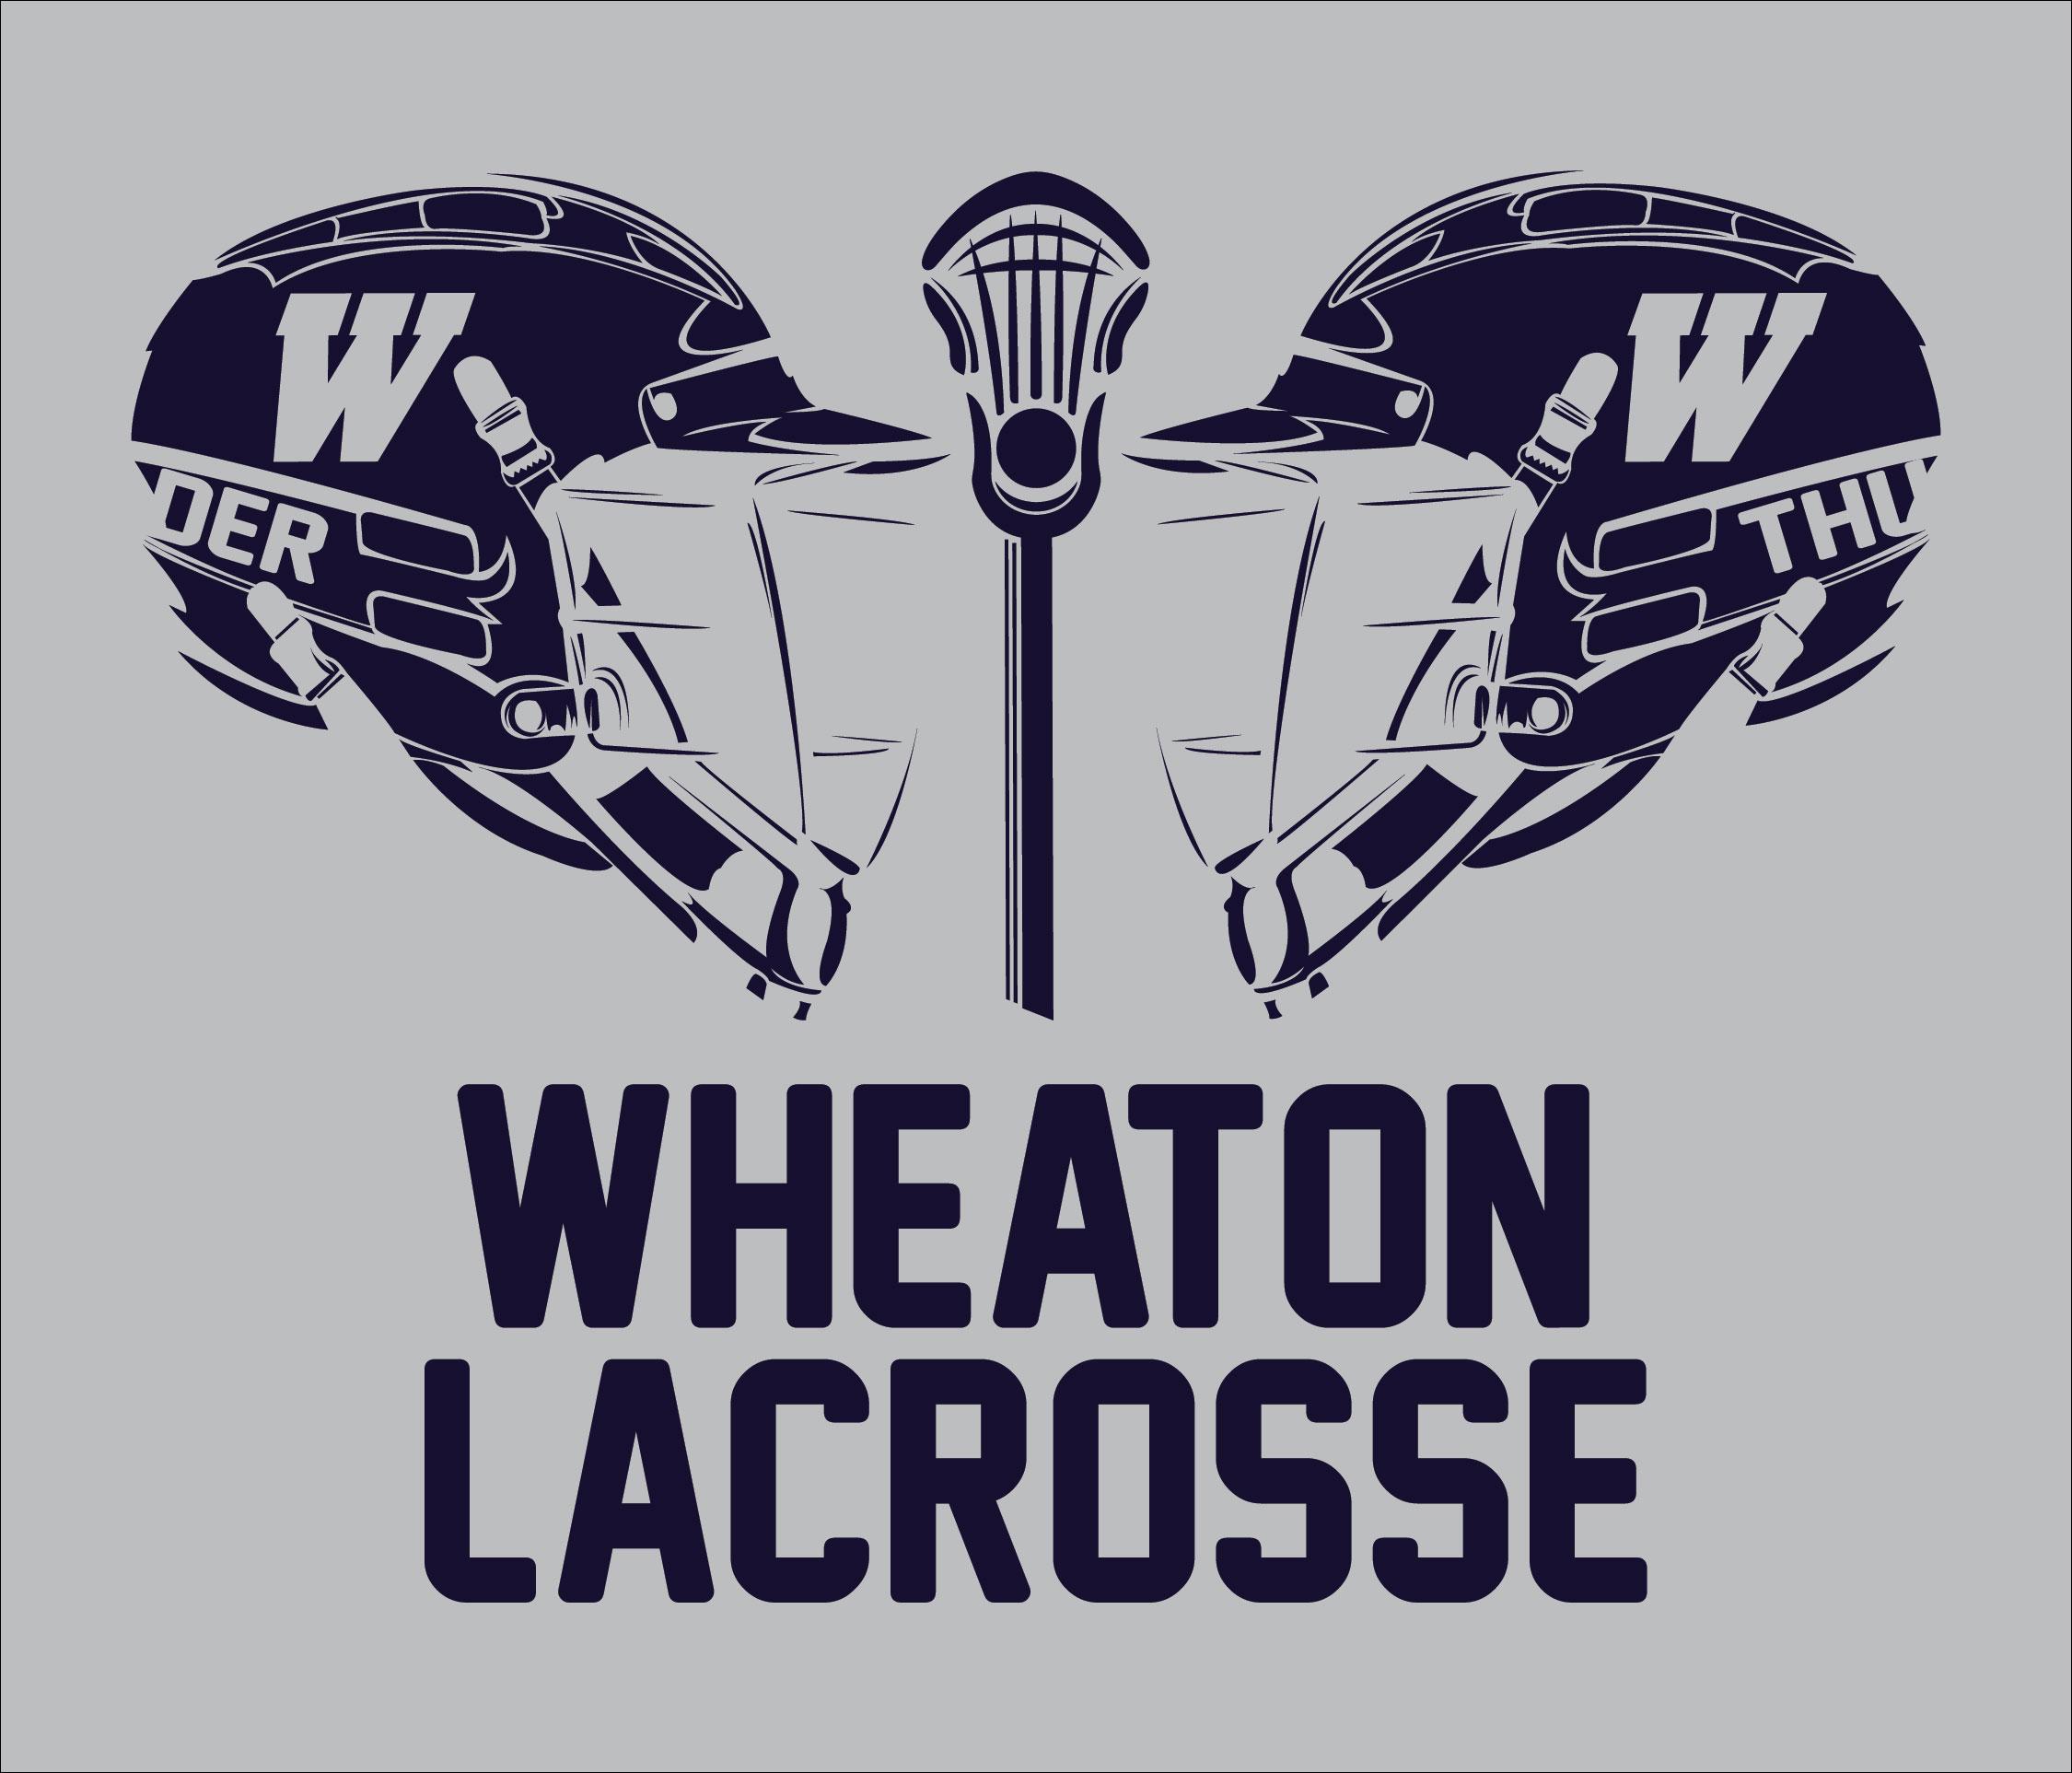 Wheaton Lacrosse 2014 Final 2-01.jpg